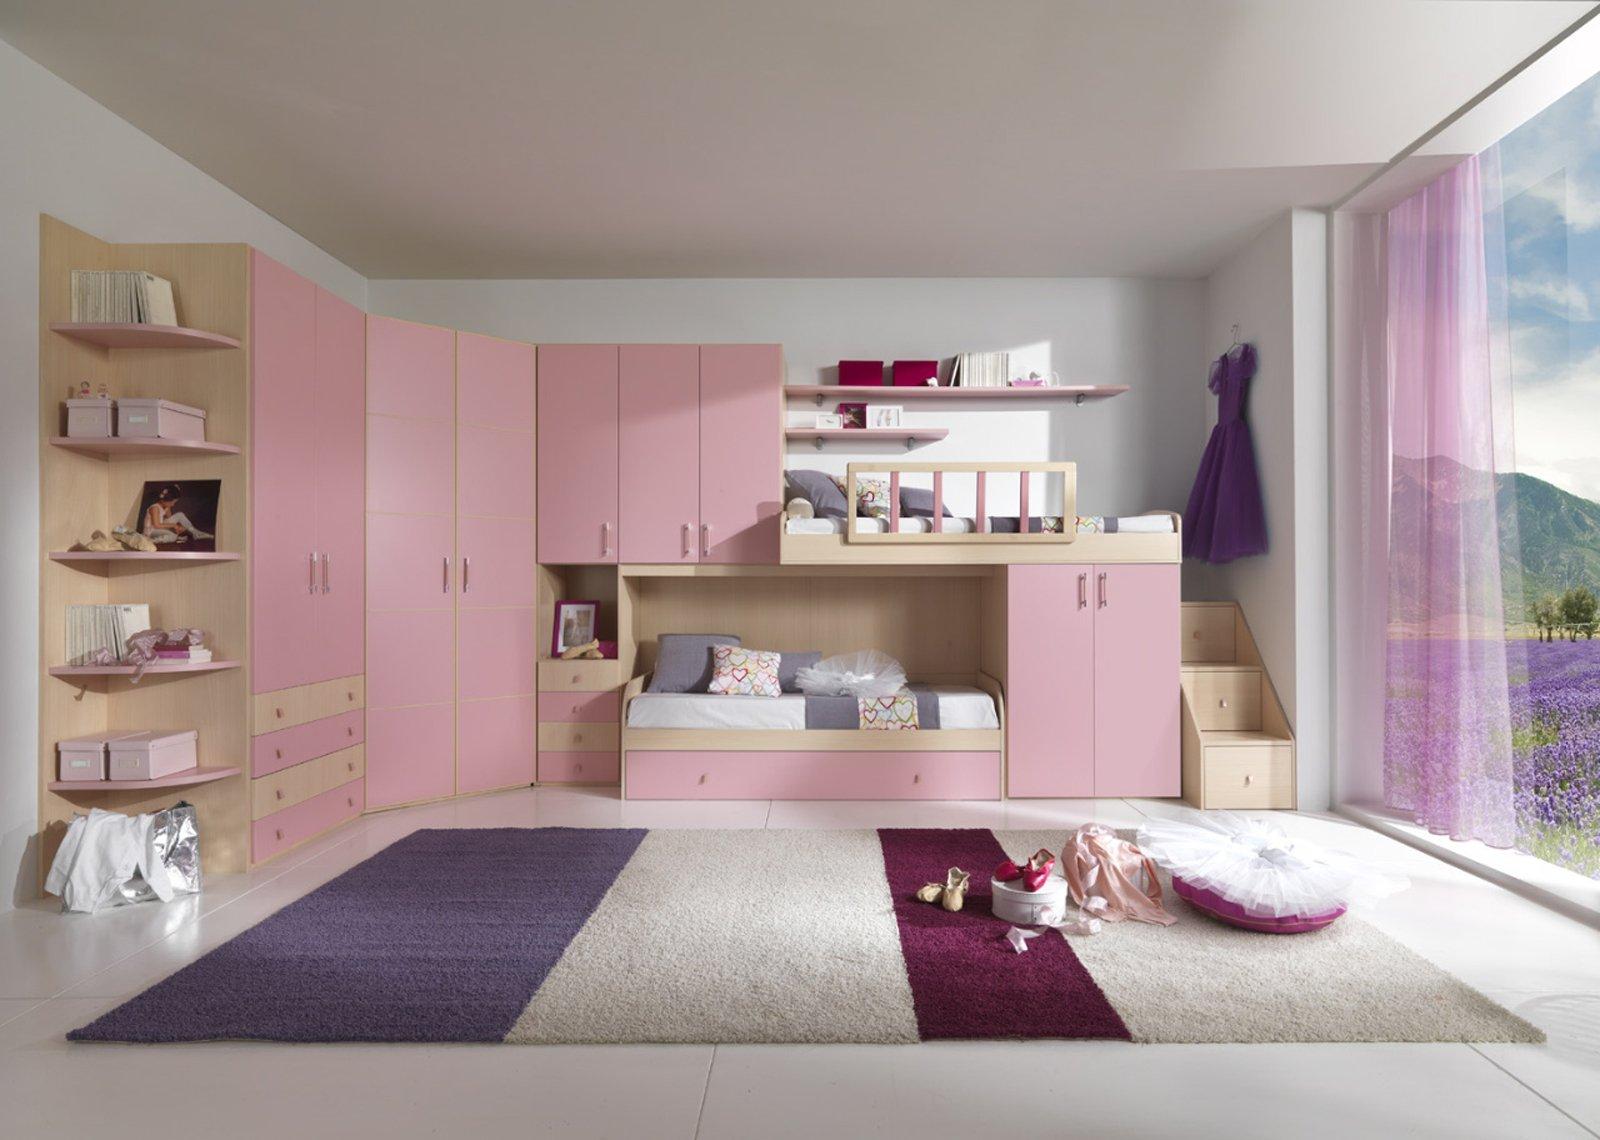 Camerette funzionalit a misura di bambino cose di casa for Prezzo medio della casa di 3 camere da letto